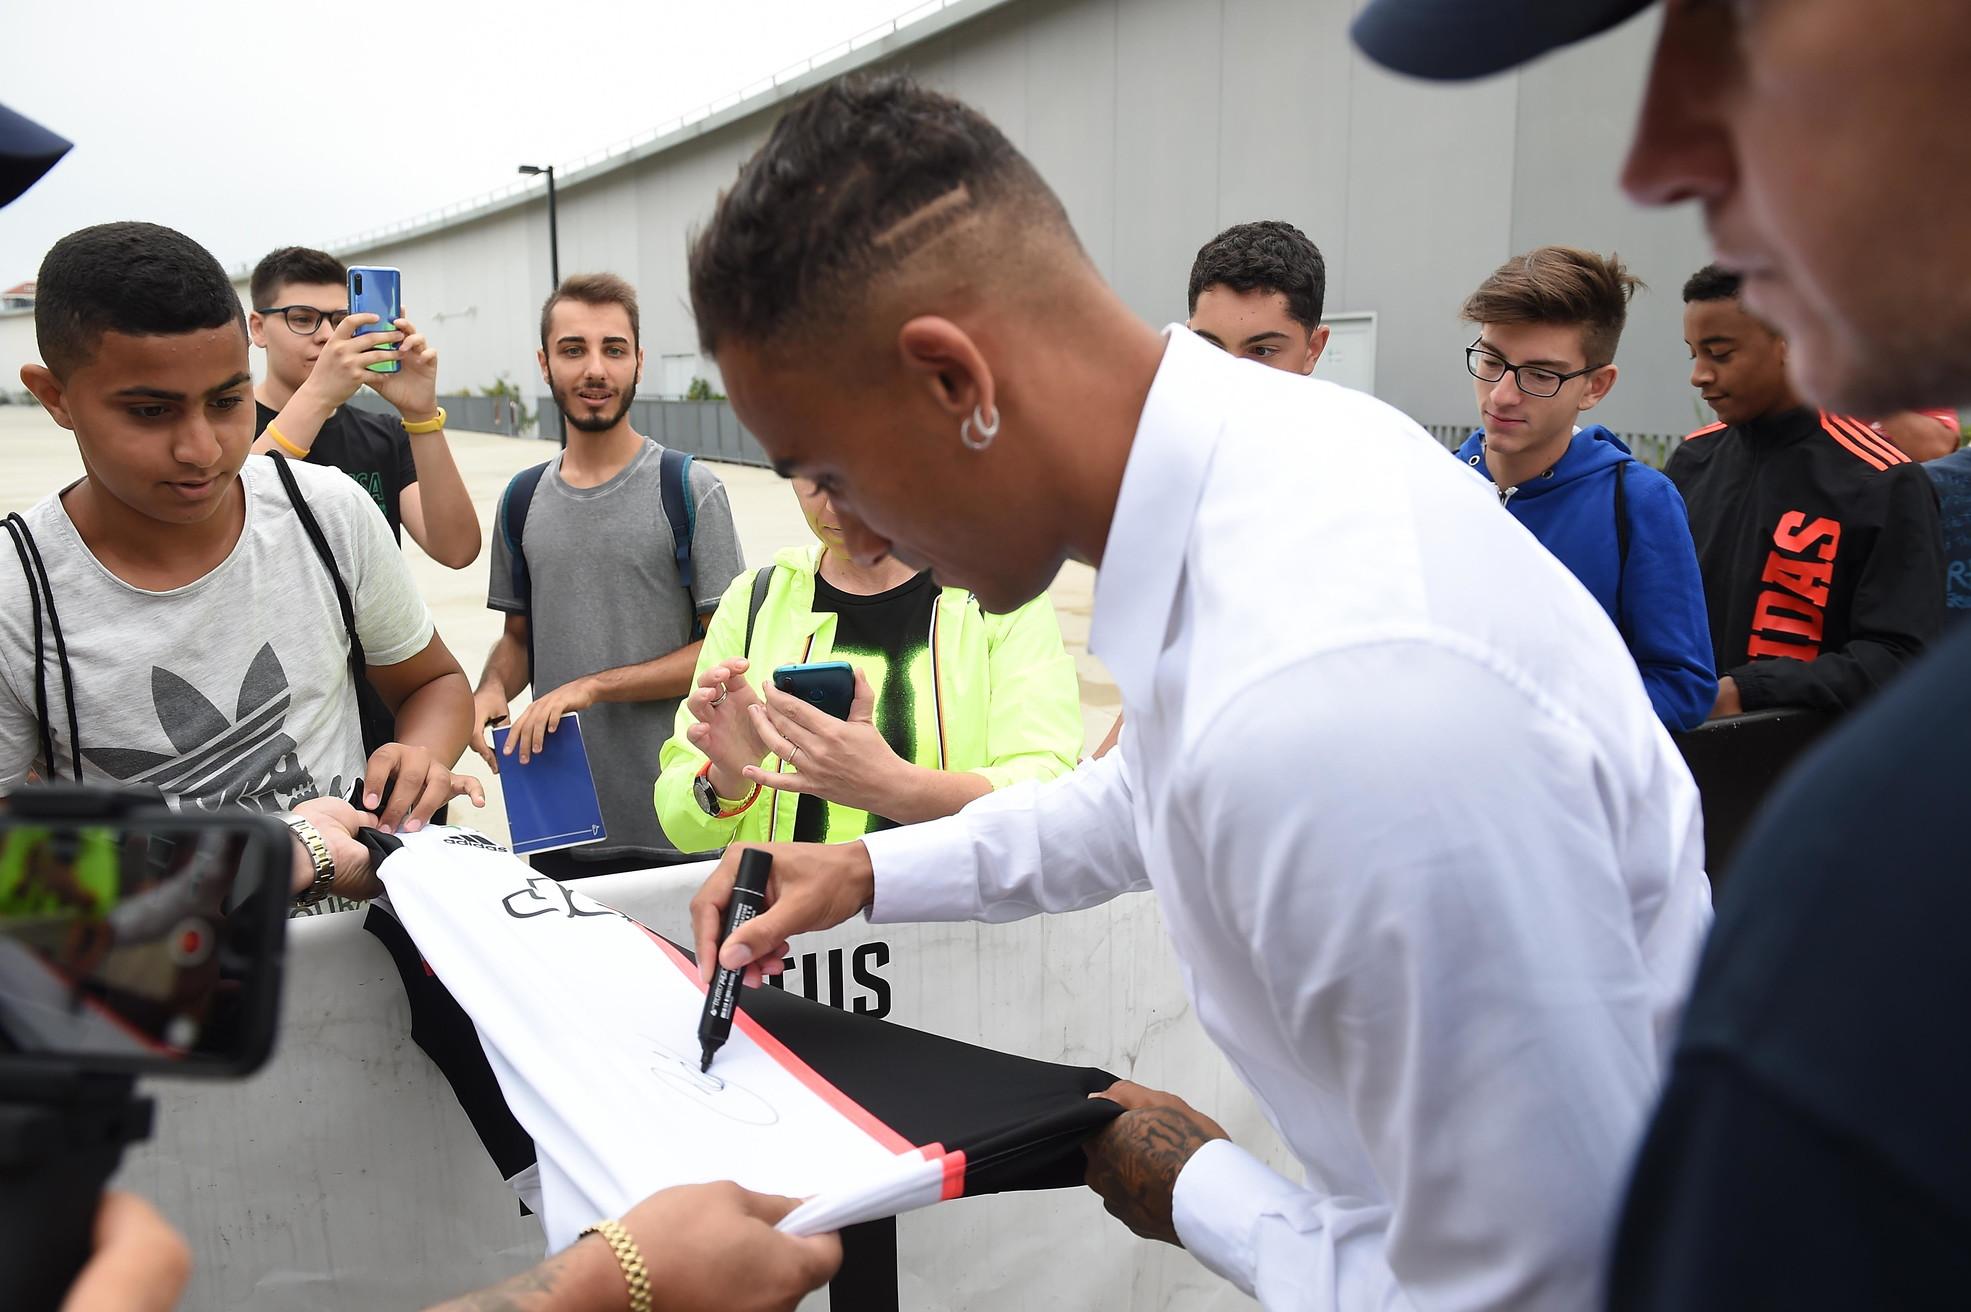 Primo giorno da giocatore della Juve per Danilo. L'esterno destro, arrivato a Torino dal Manchester City nell'ambito dell'operazione Cance...